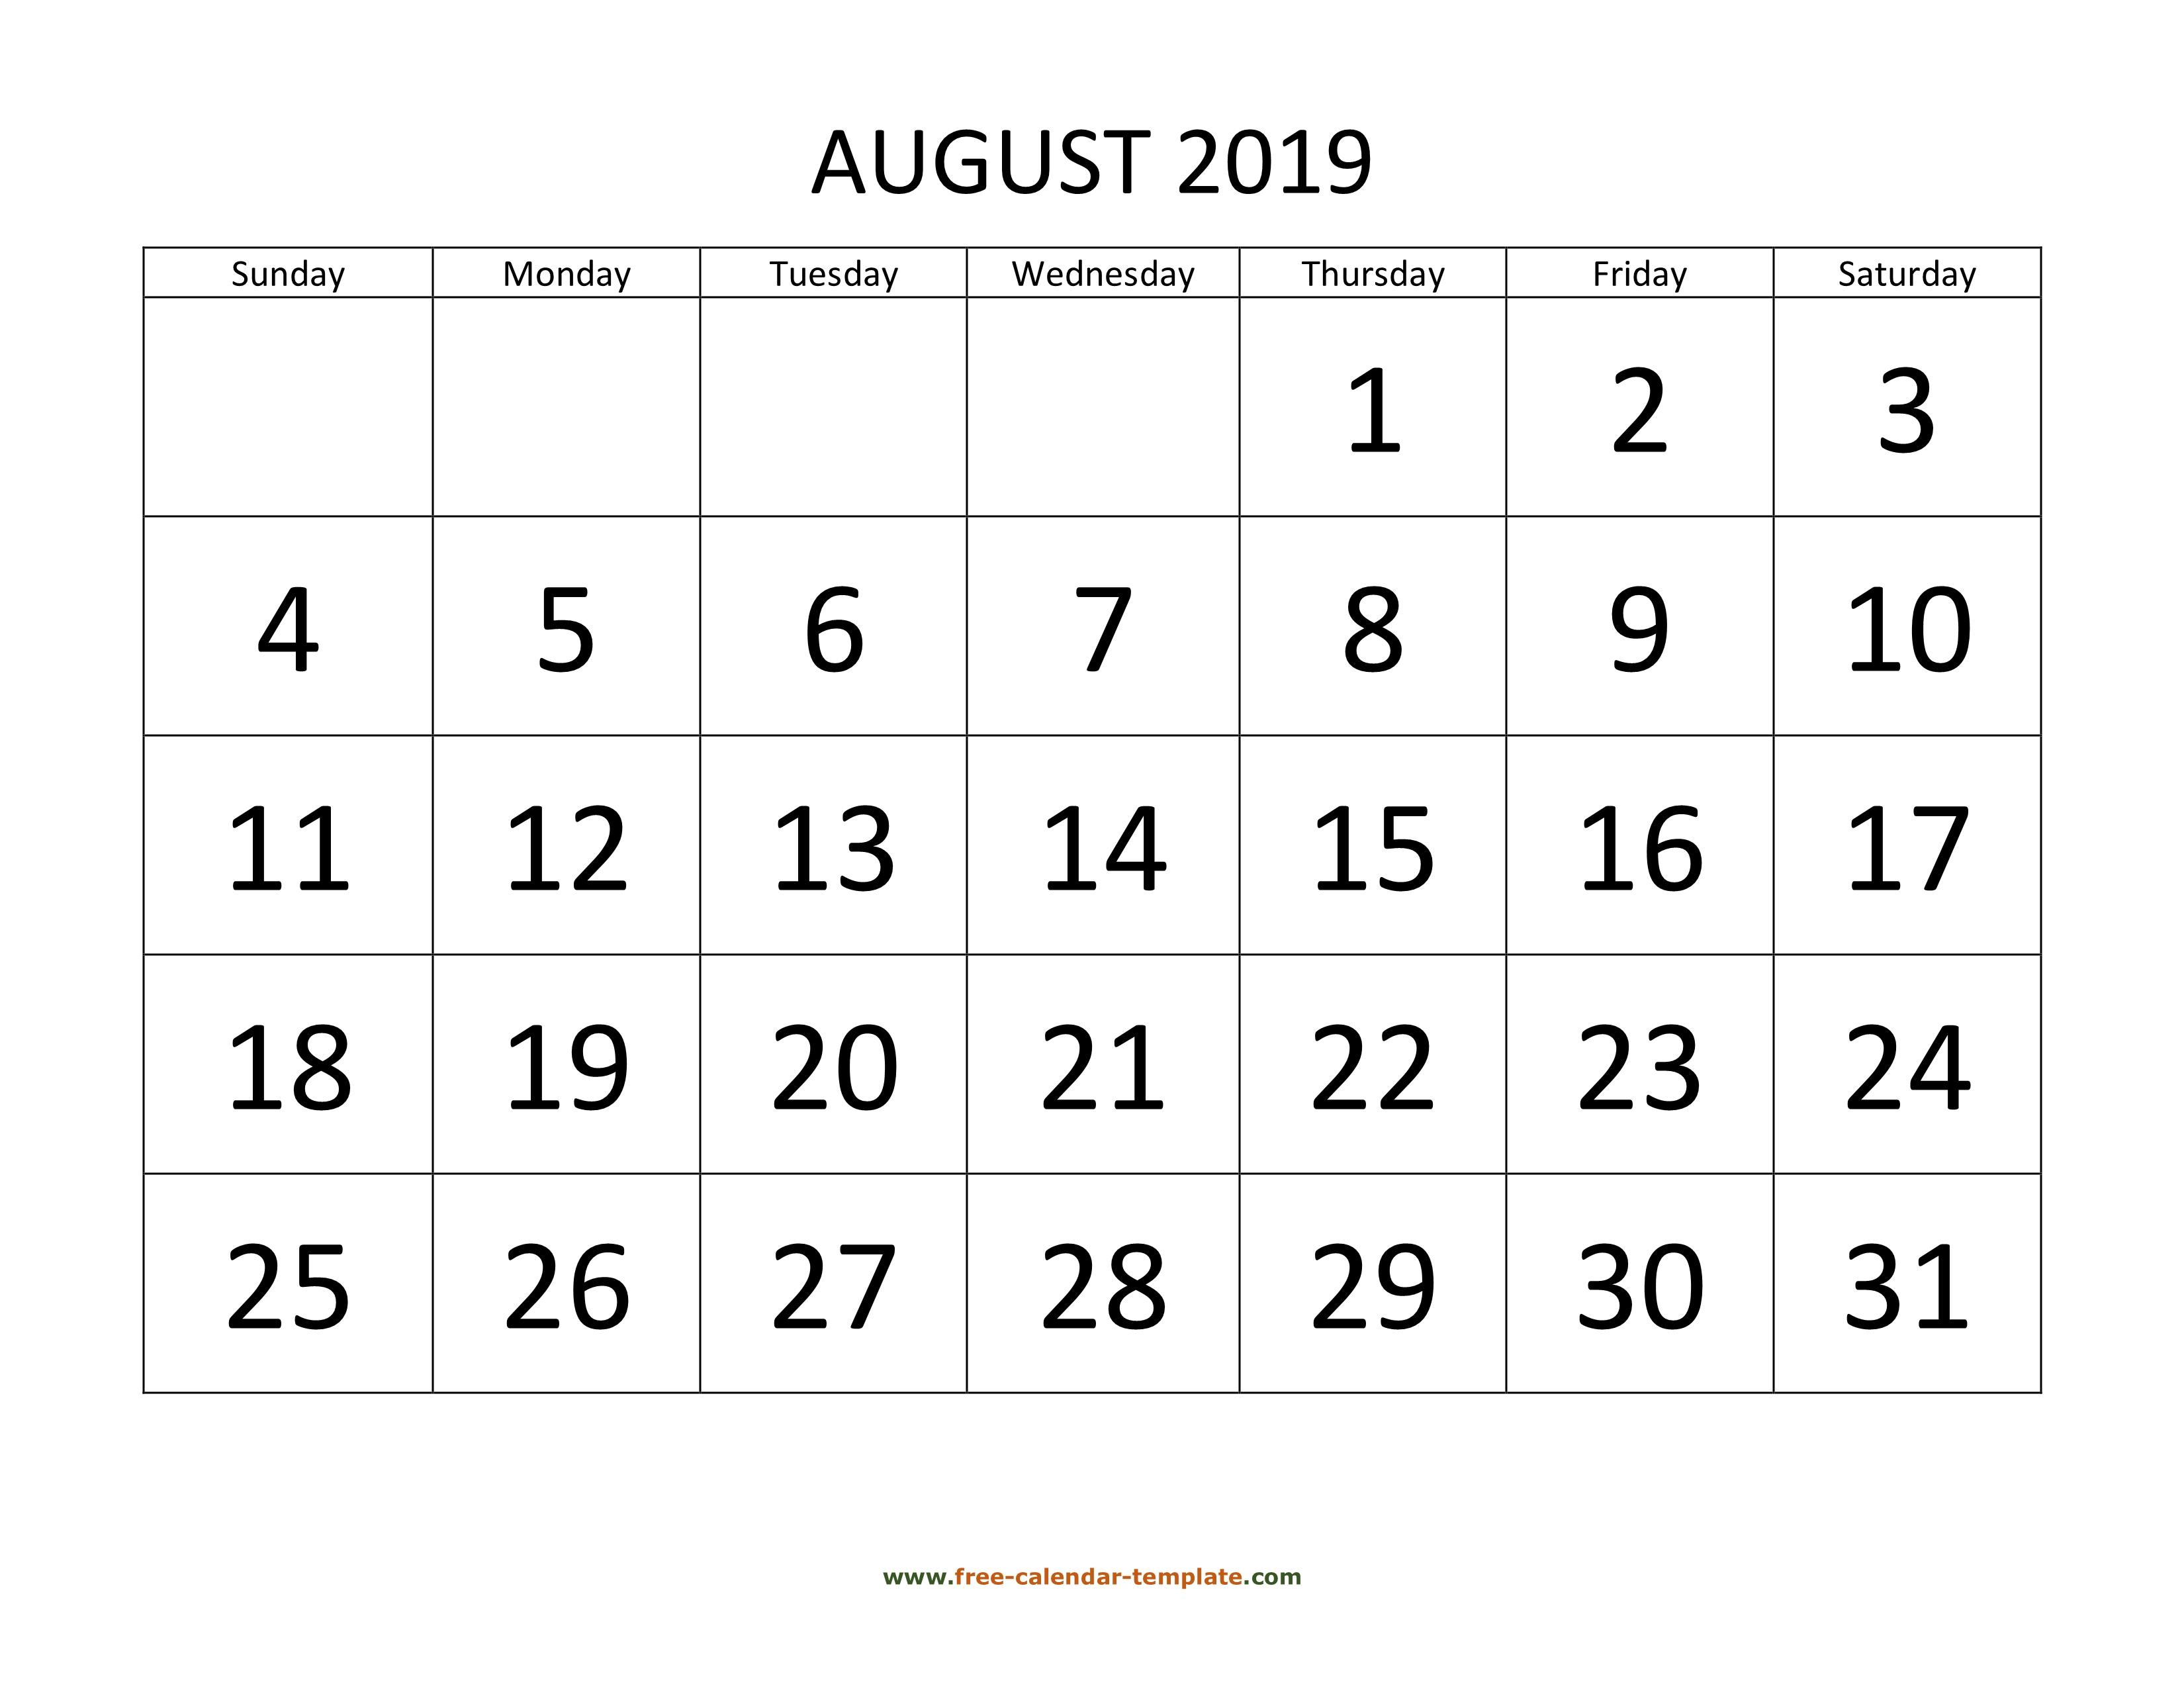 August 2019 Free Calendar Tempplate